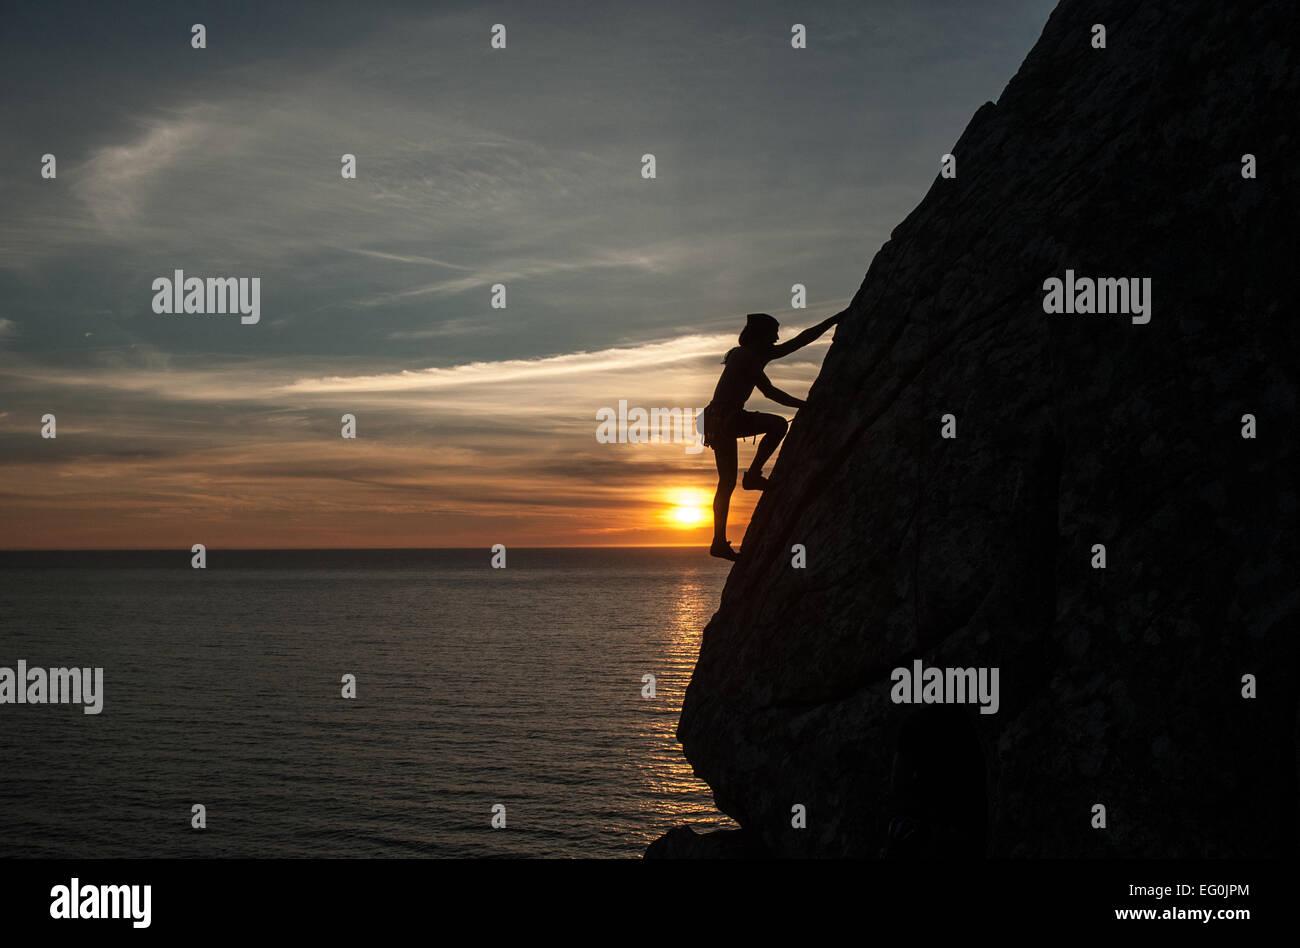 Silueta de mujer escalada acantilado al atardecer, Galicia, España Imagen De Stock